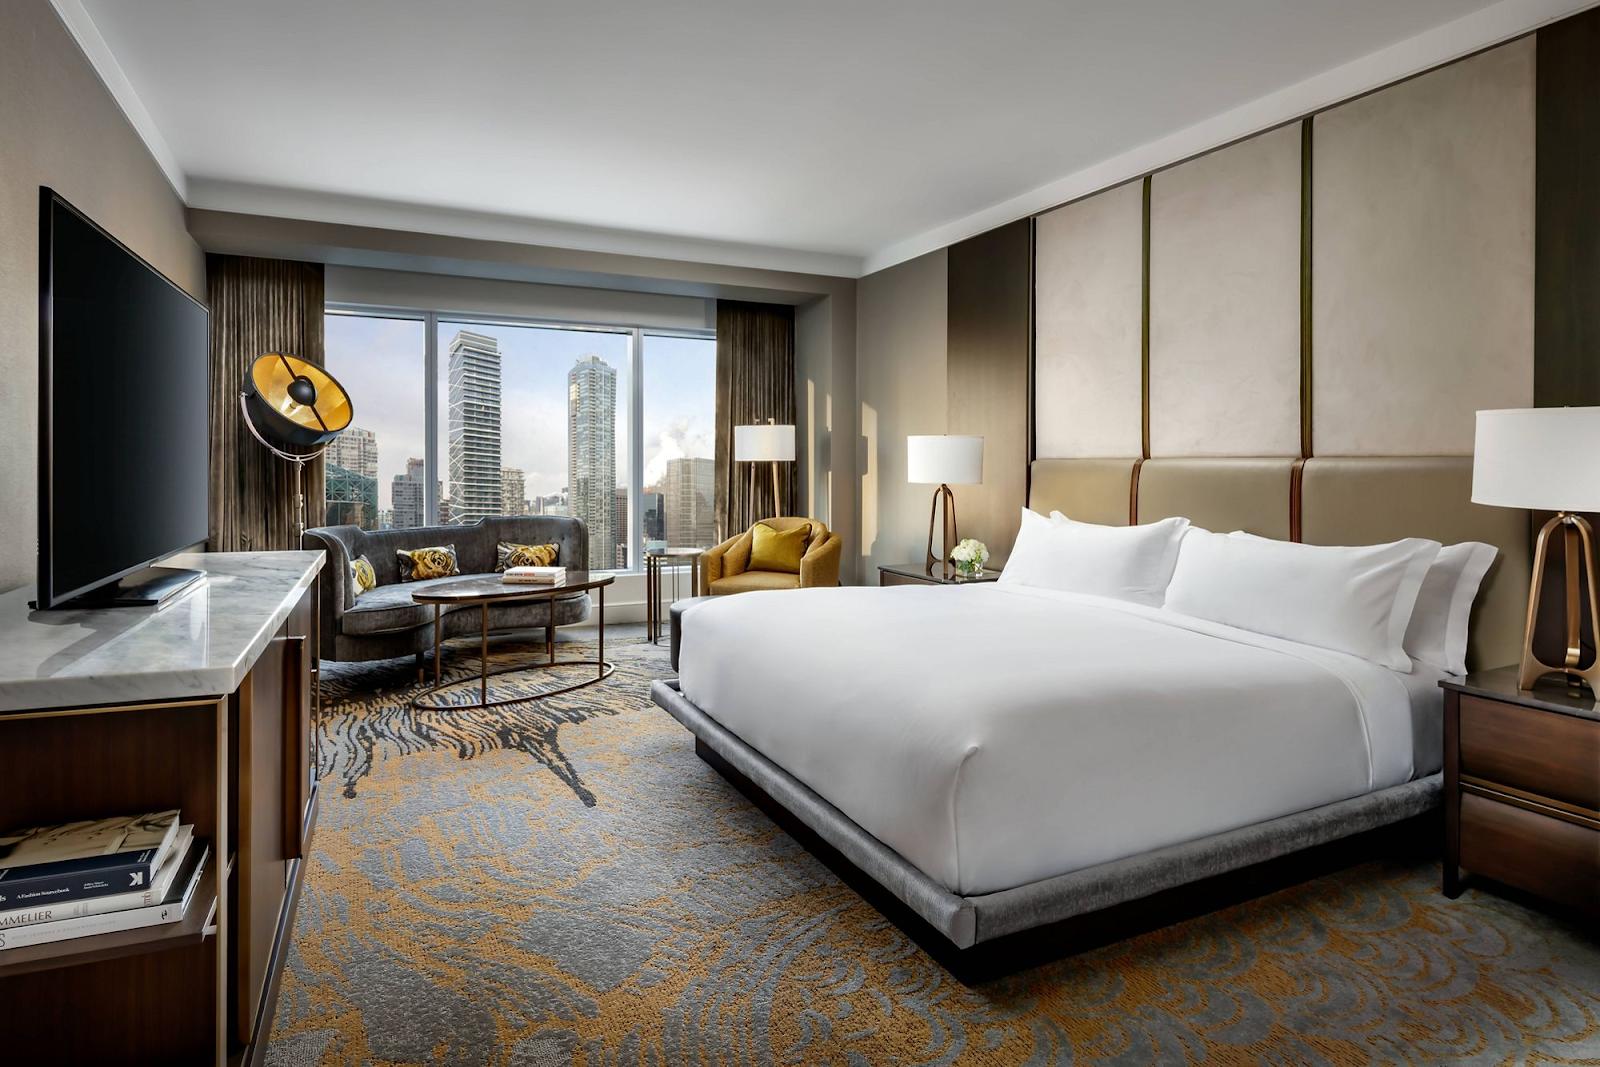 https://www.ritzcarlton.com/en/hotels/canada/toronto/hotel-overview